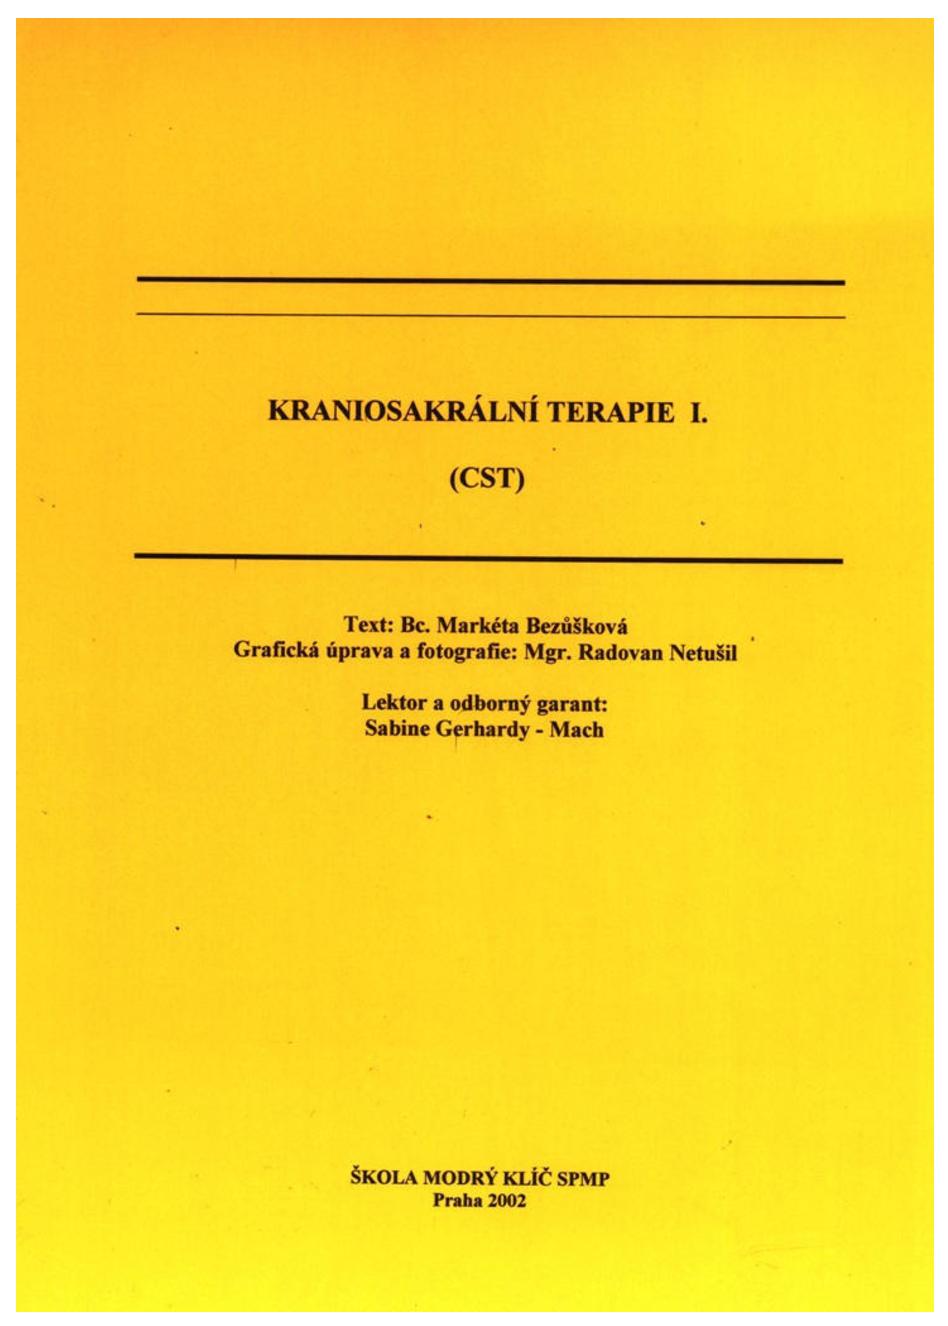 Kraniosakrální terapie I.